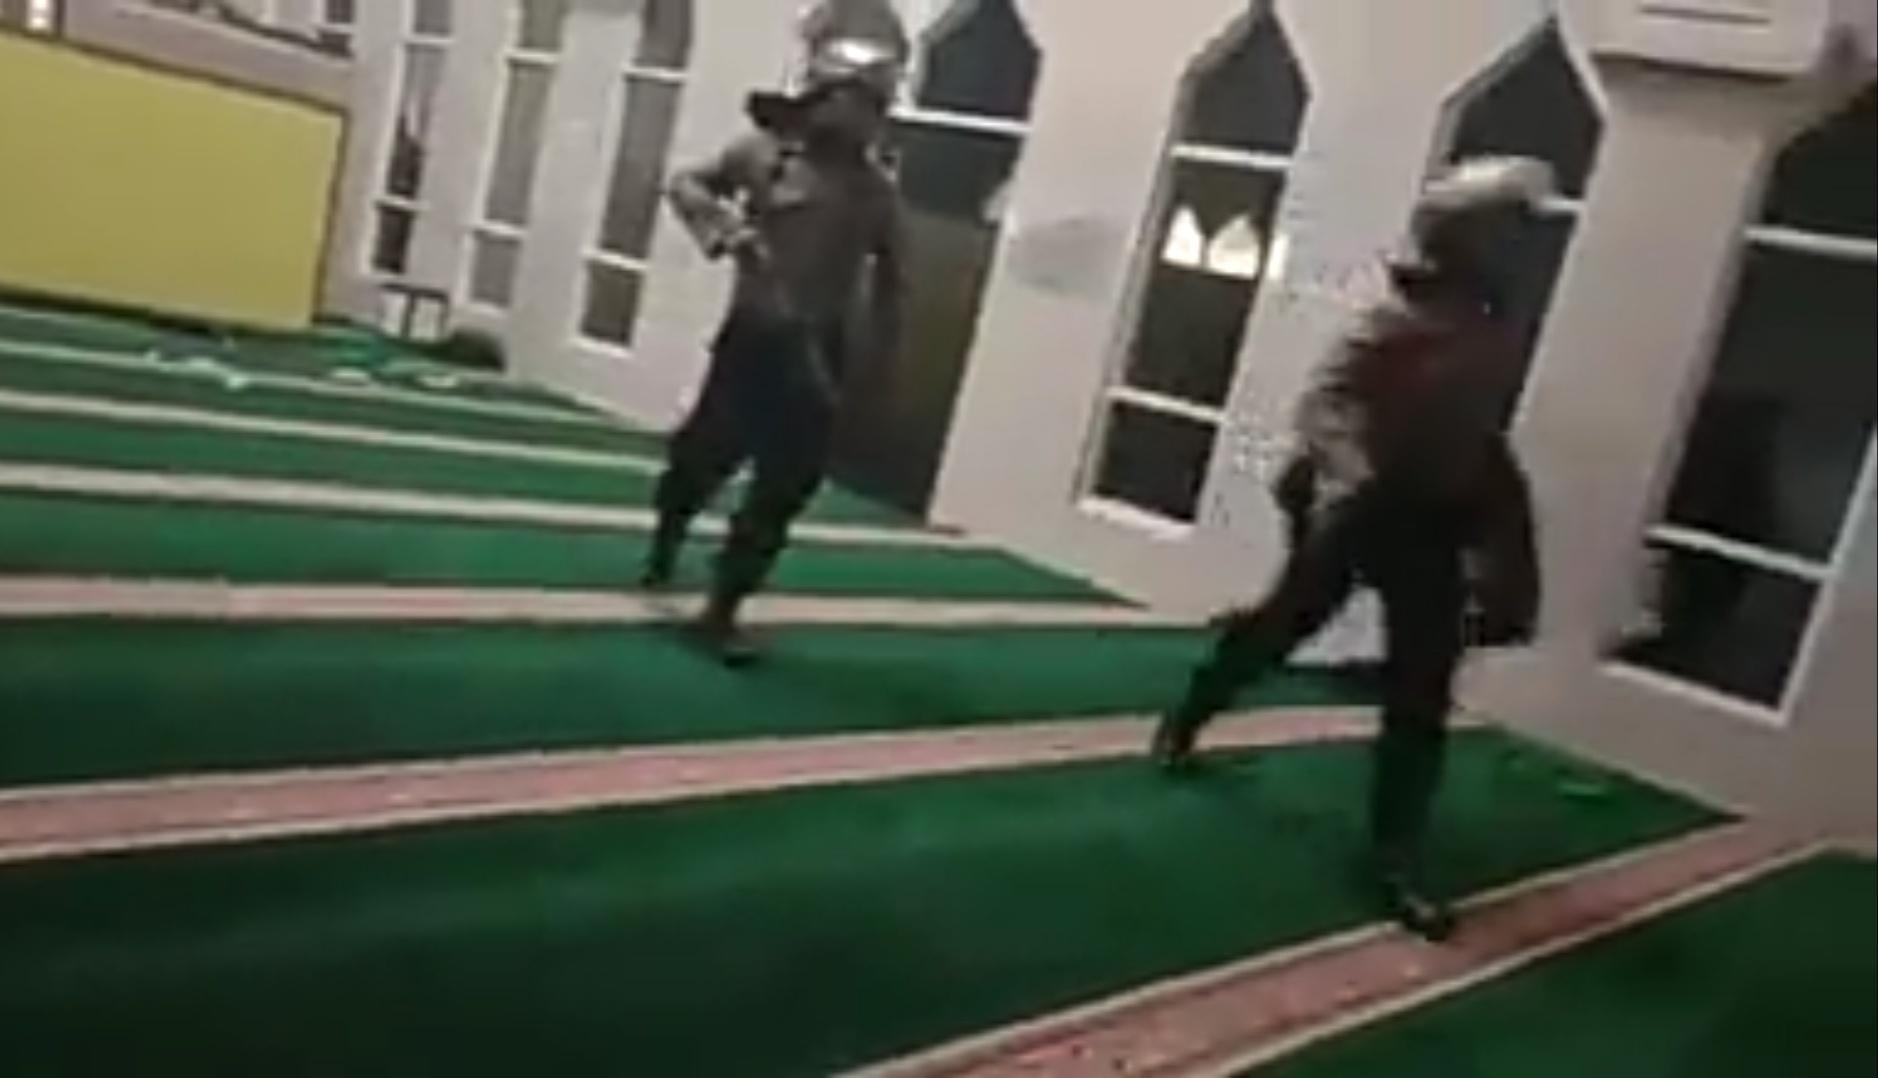 Gambar Dosen Unismuh Sebut Polisi Bersepatu ke Dalam Masjid Lecehkan Islam